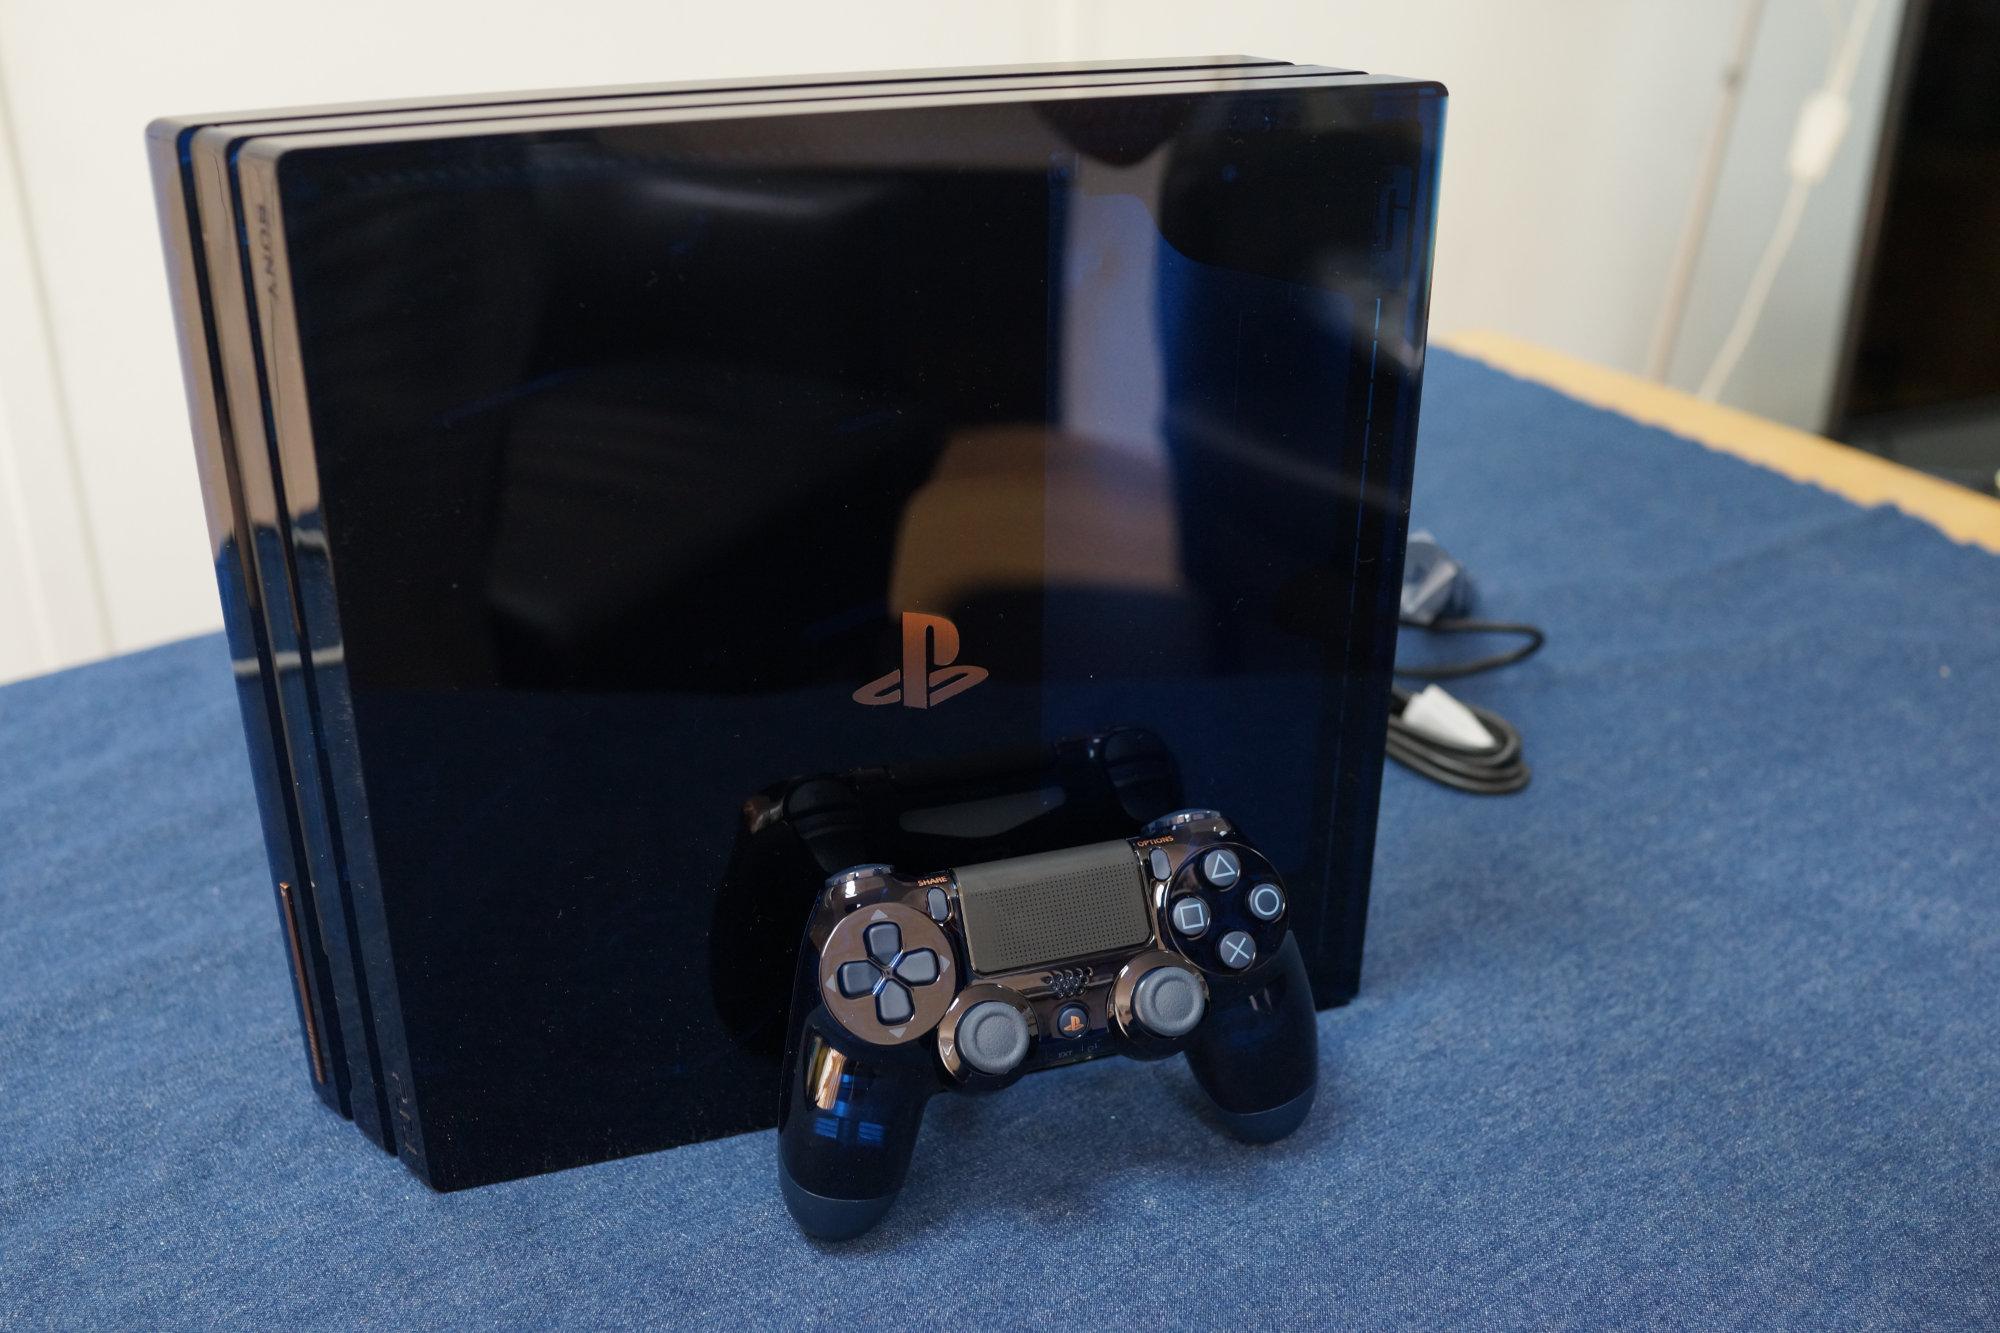 Sony annule sa conférence annuelle PlayStation car l'entreprise n'a rien à dire